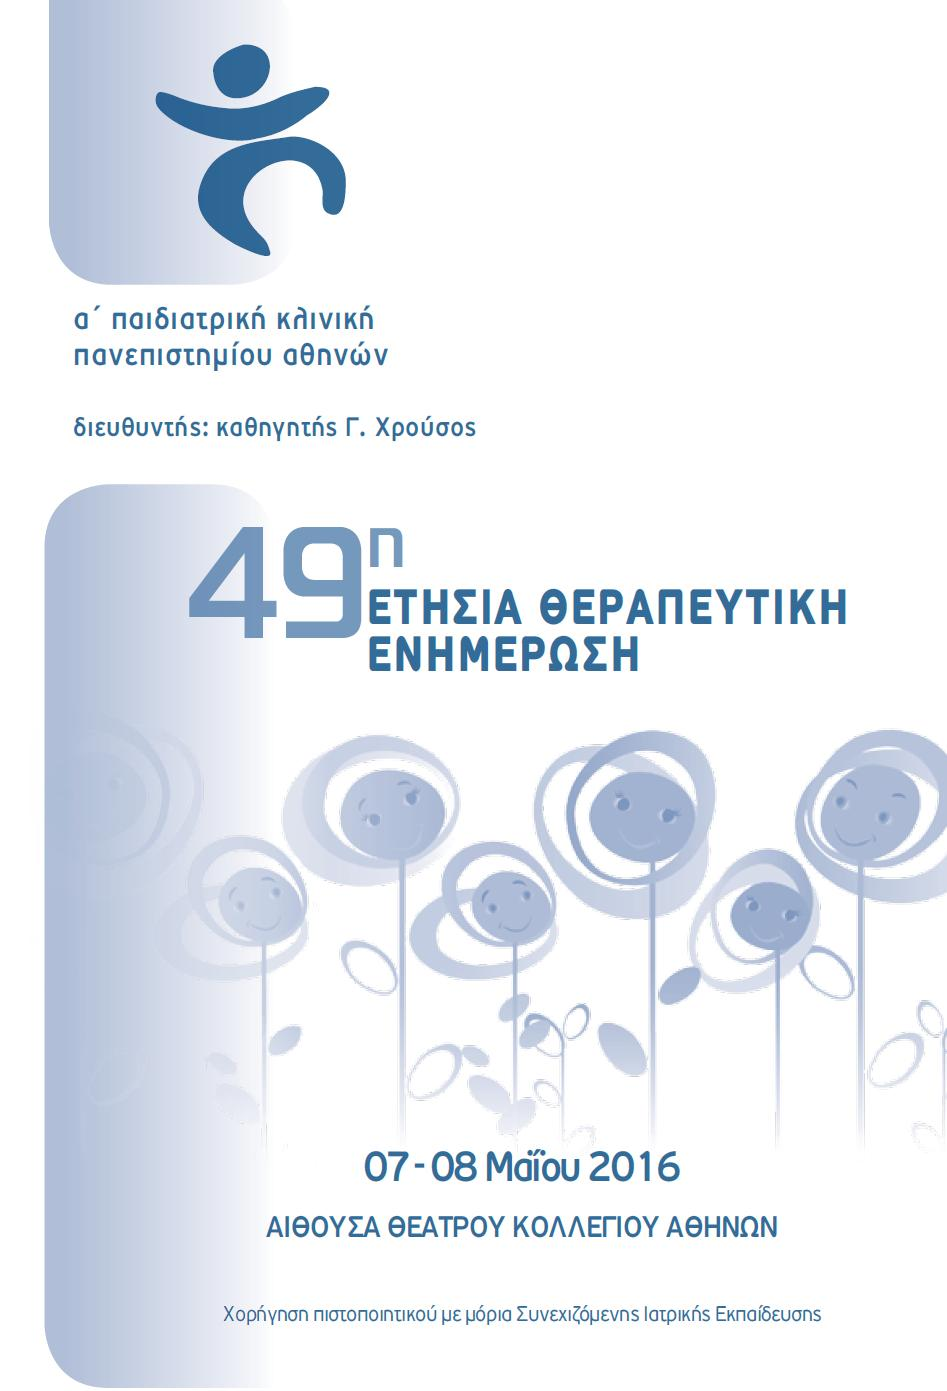 49η Ετήσια Θεραπευτική Ενημέρωση